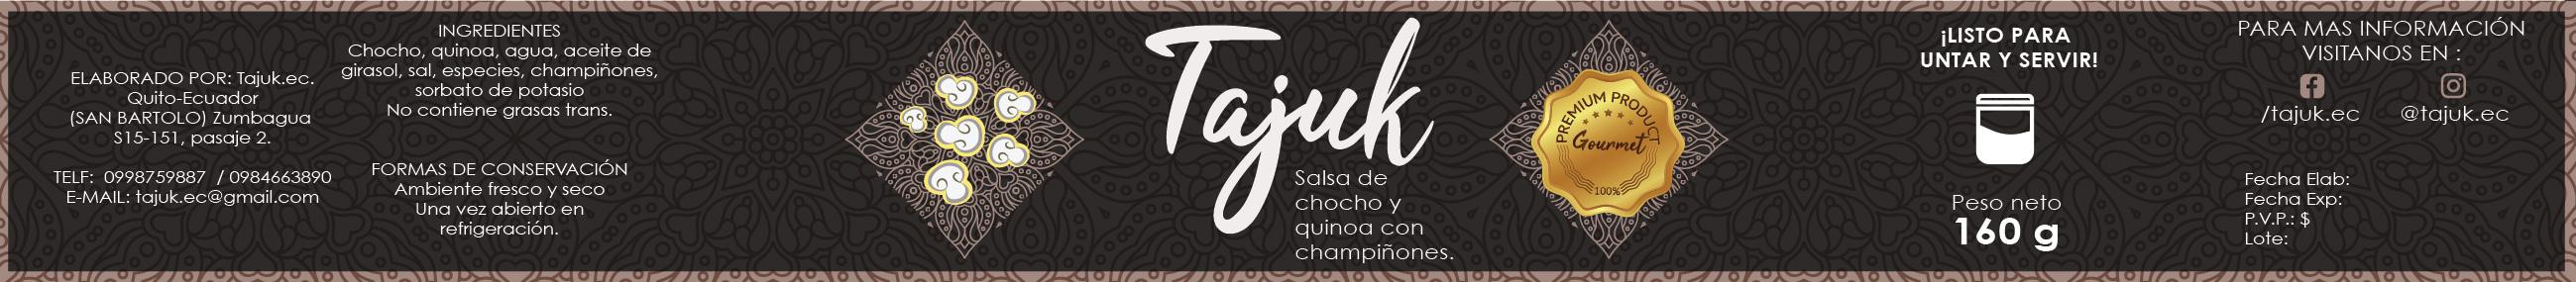 Etiqueta - Champiñon teajuk_Mesa de trabajo 1